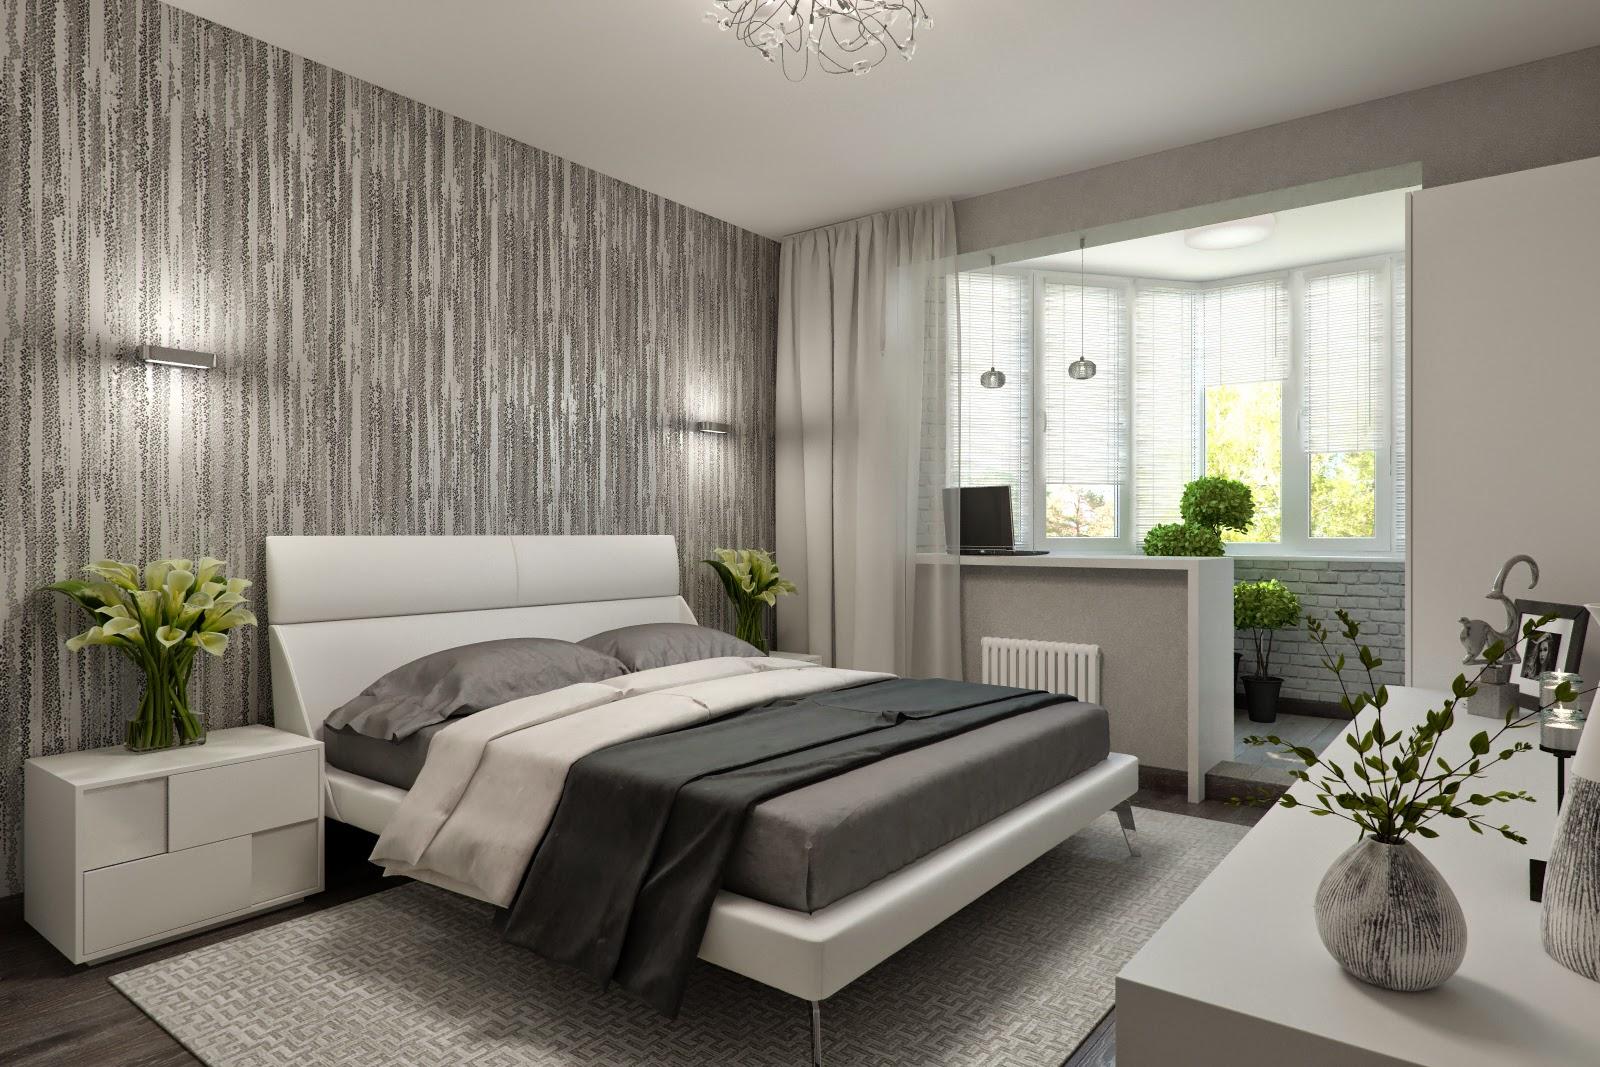 Советы по оформлению внутреннего убранства спальни